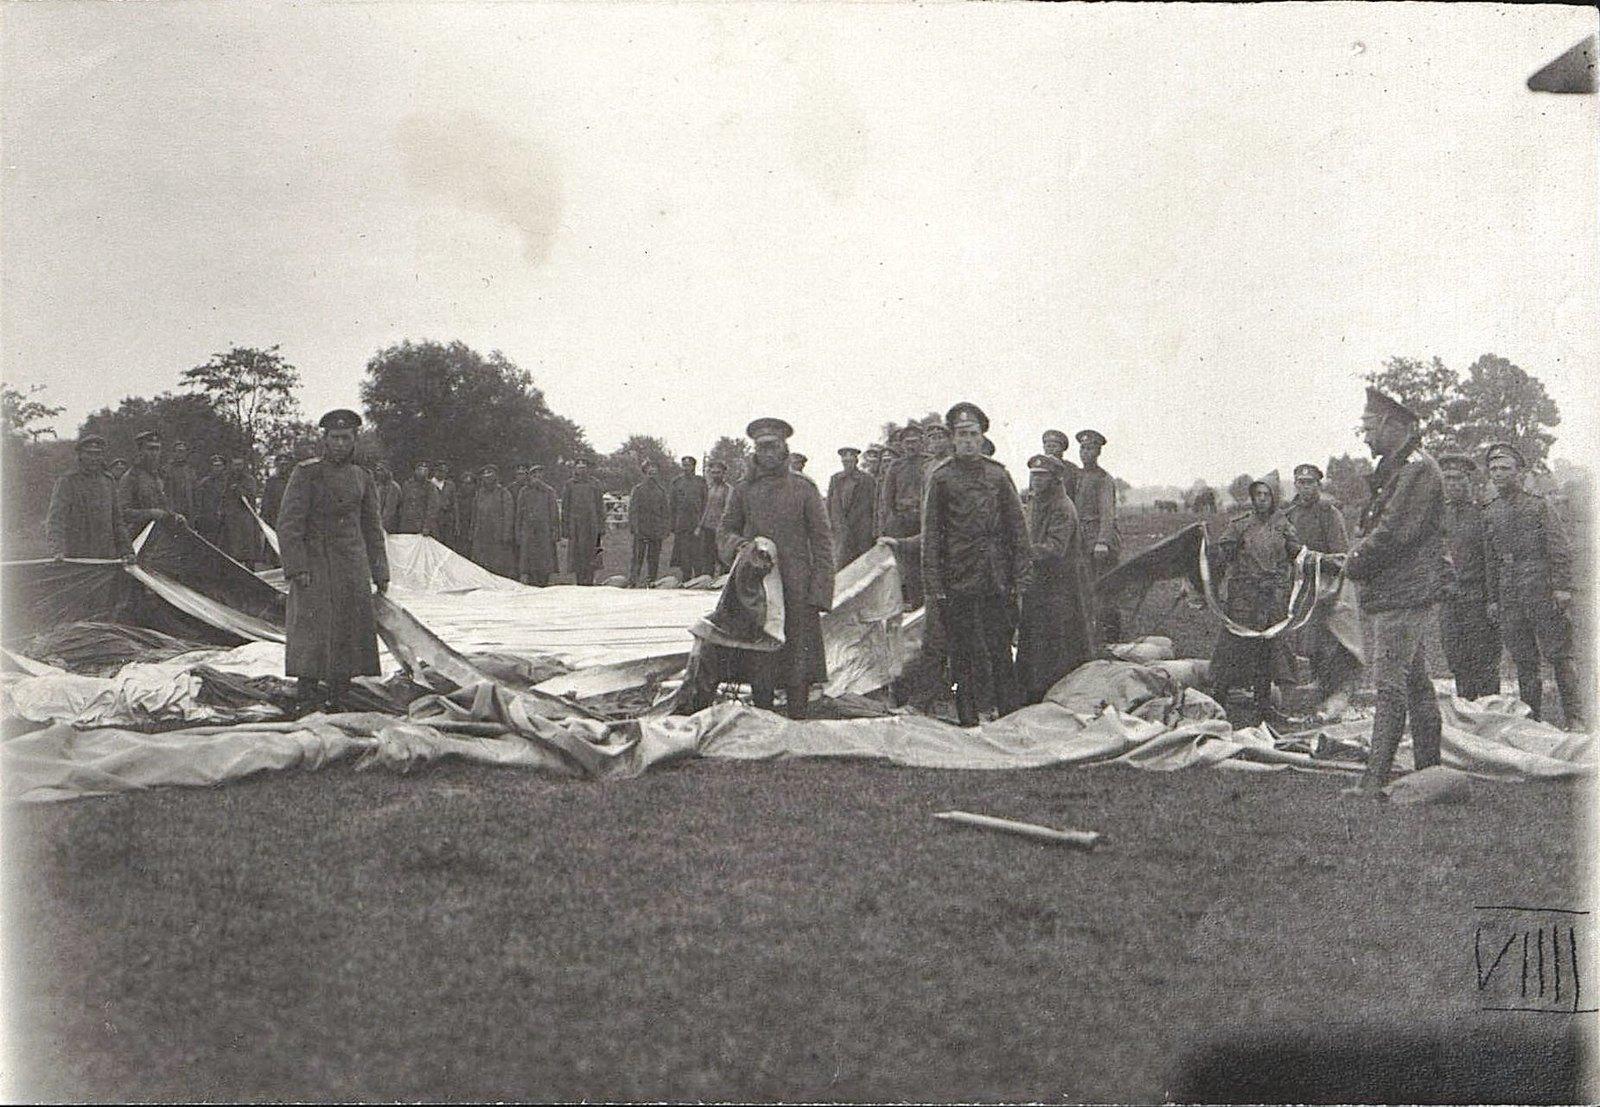 1915. Остатки аэростата и парусного забора Владивостокской крепостной воздухроты, уничтоженных бурей. 11 июля